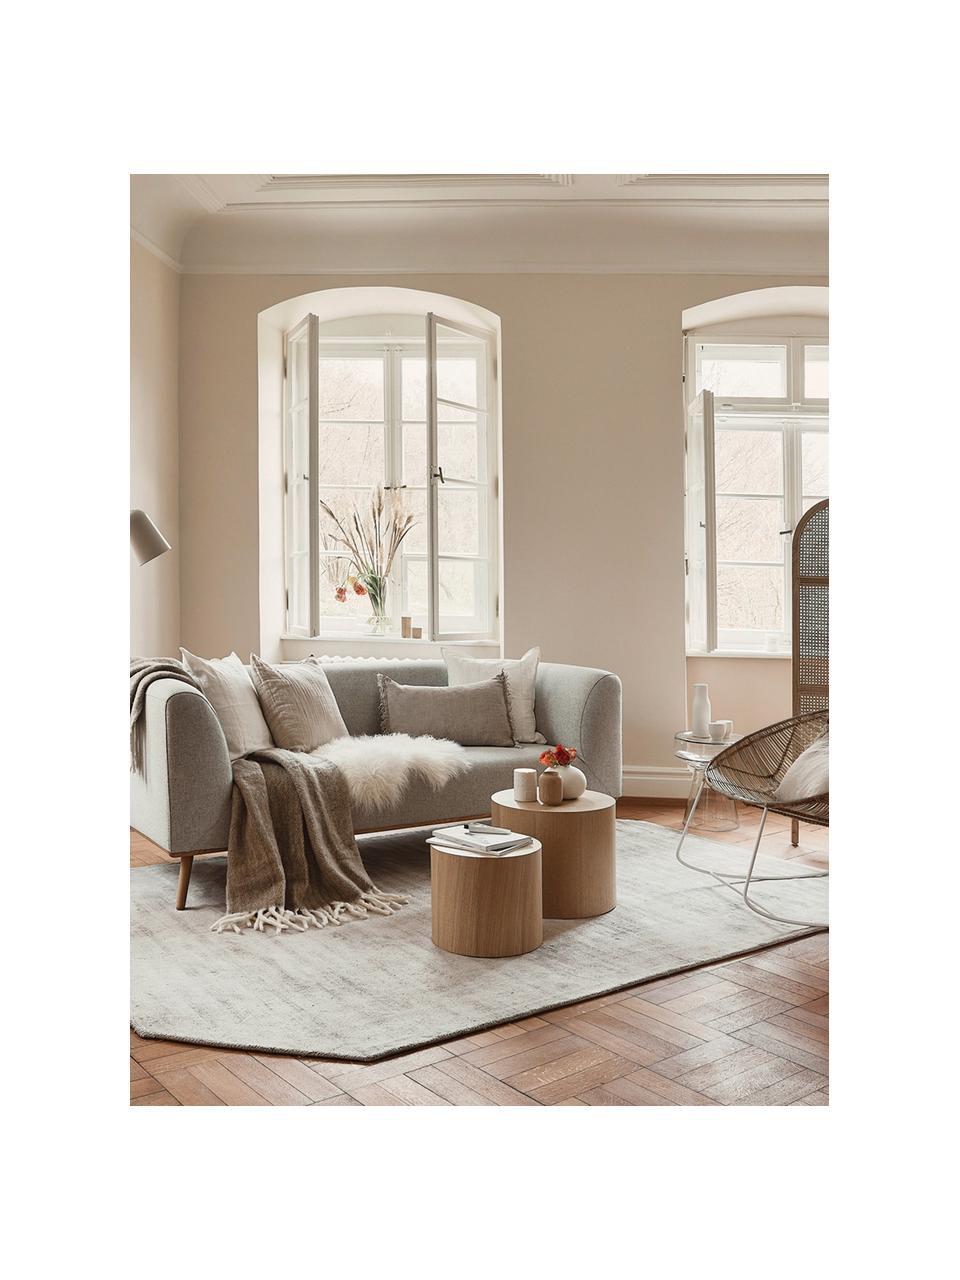 Divano  2 posti in tessuto beige Archie, Rivestimento: 100% lana 30.000 cicli di, Struttura: legno di pino, Piedini: legno di quercia massicci, Tessuto beige, Larg. 162 x Prof. 80 cm